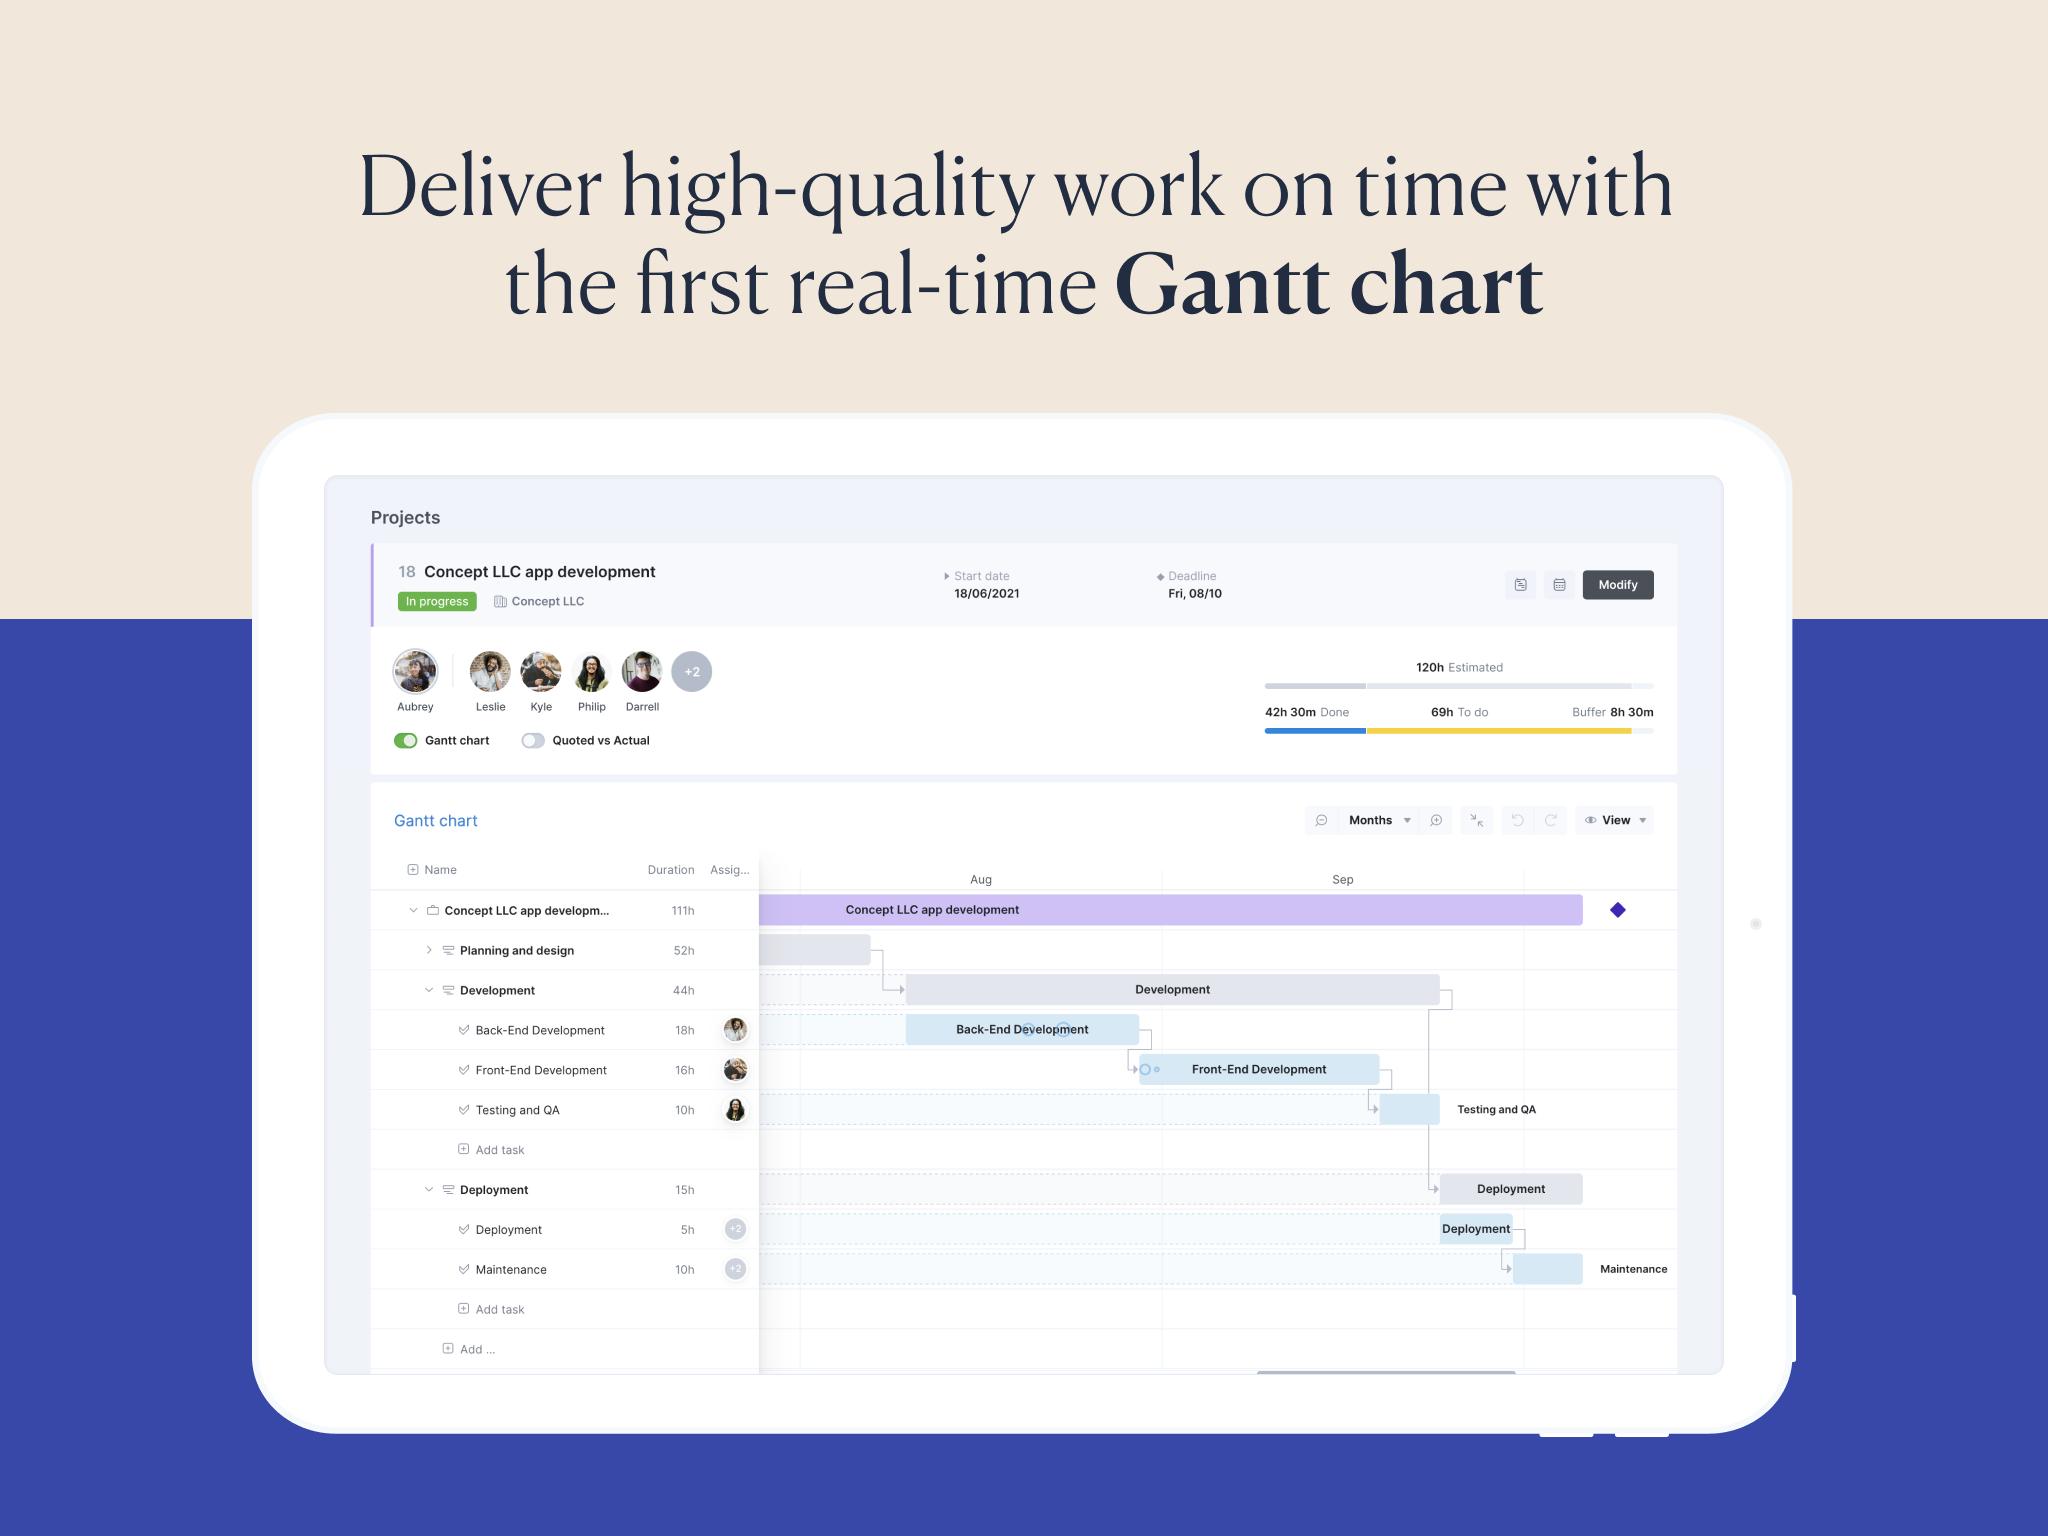 First Real-time Gantt Chart